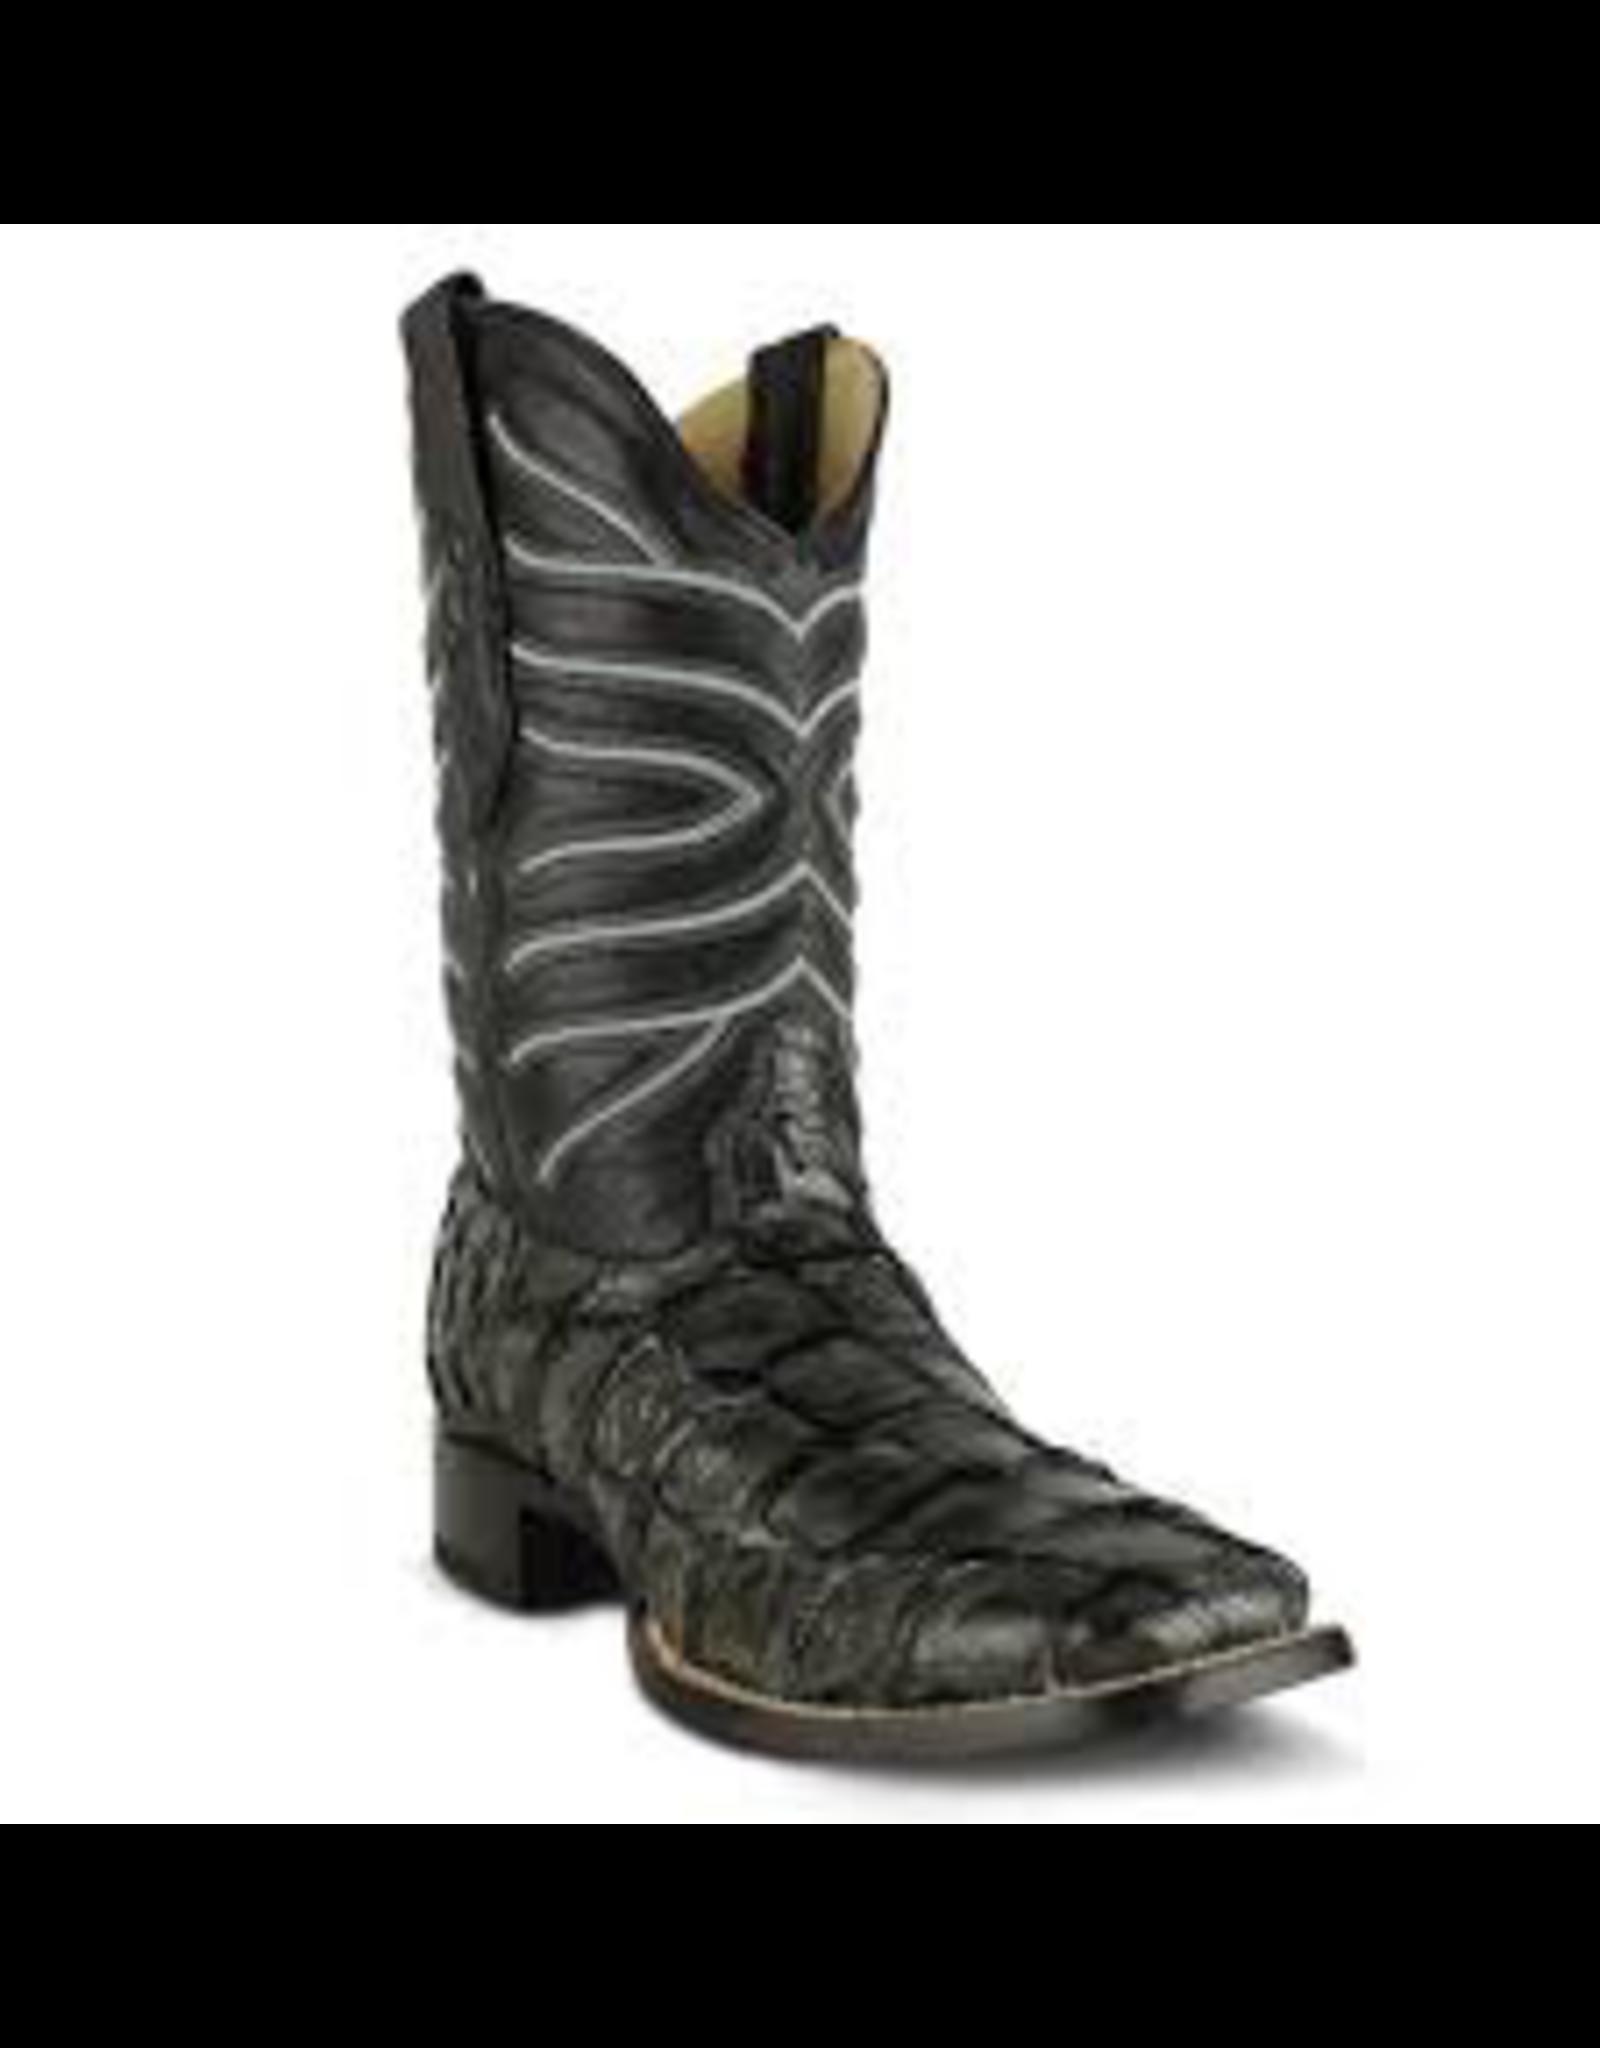 Boots-Men LOS ALTOS Piraruccu